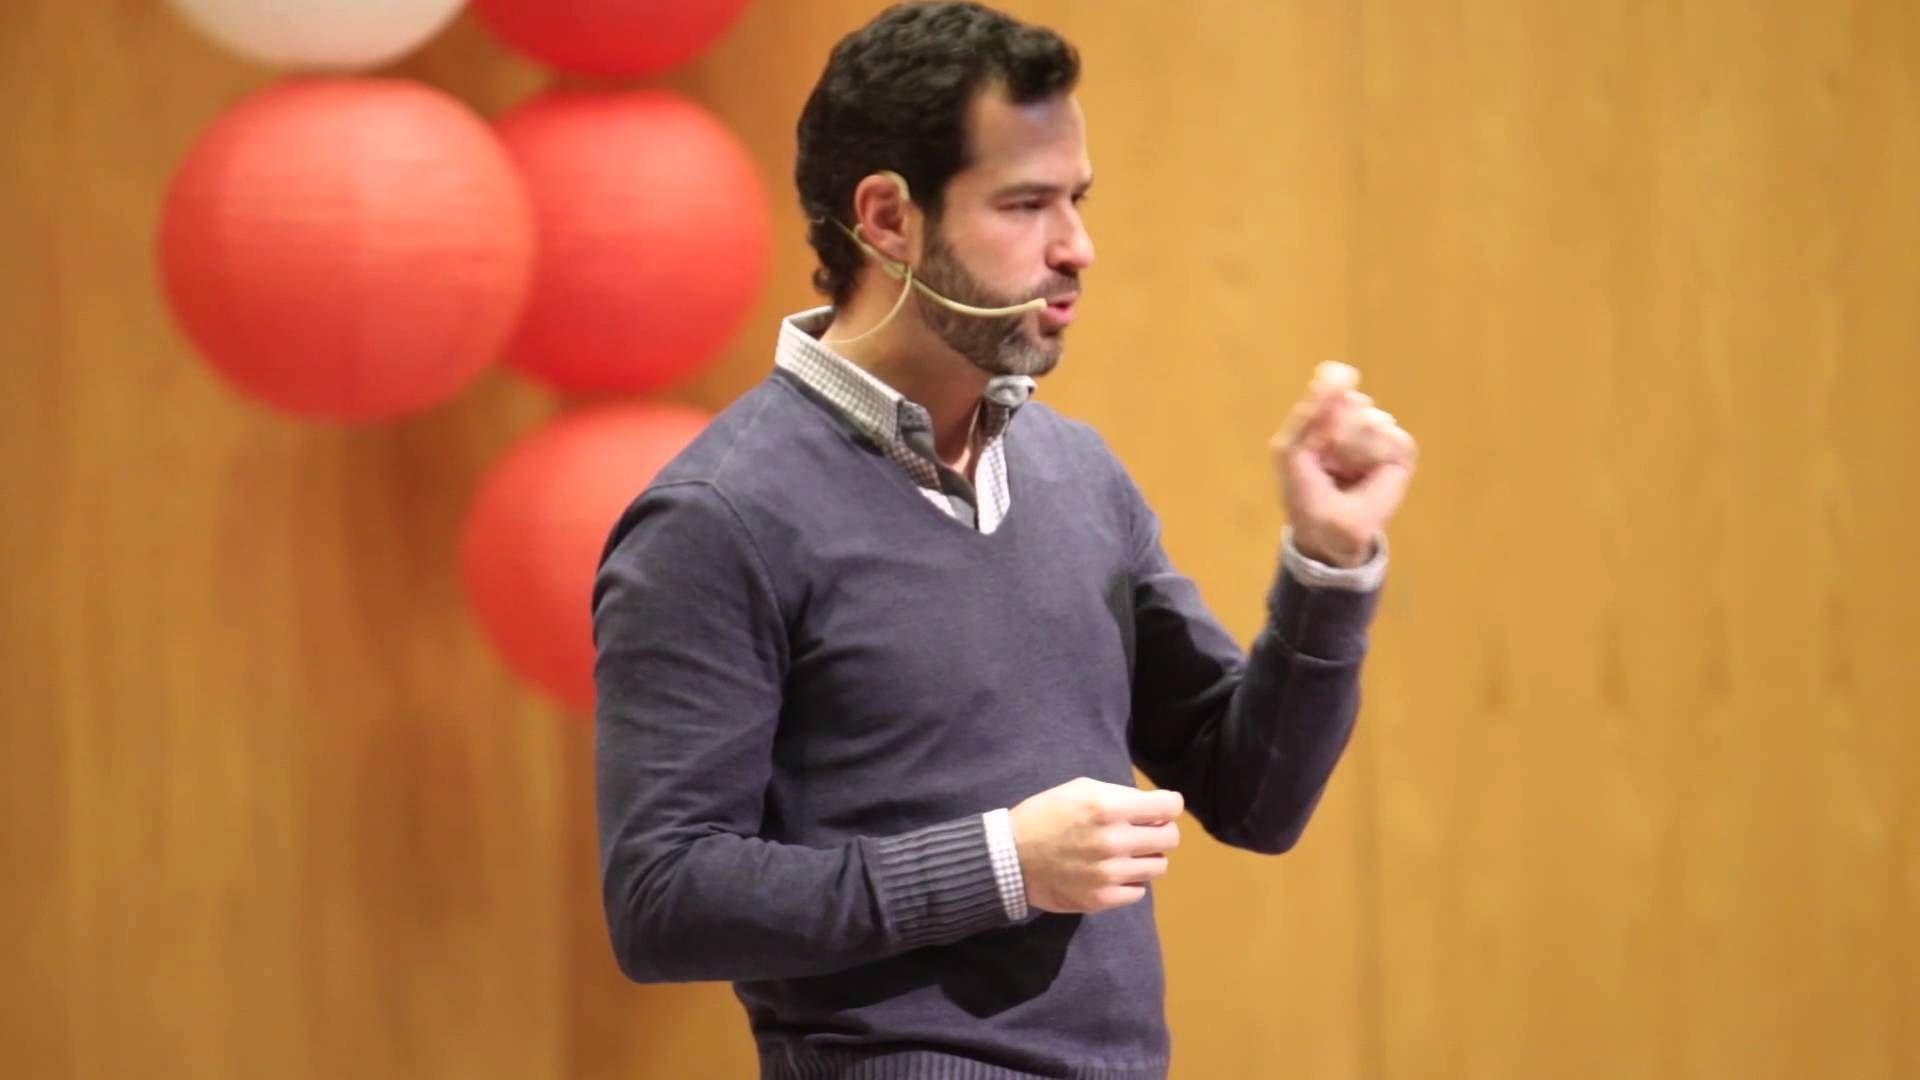 ¡Ya es hora! | Emiliano Salinas | TEDxITAM